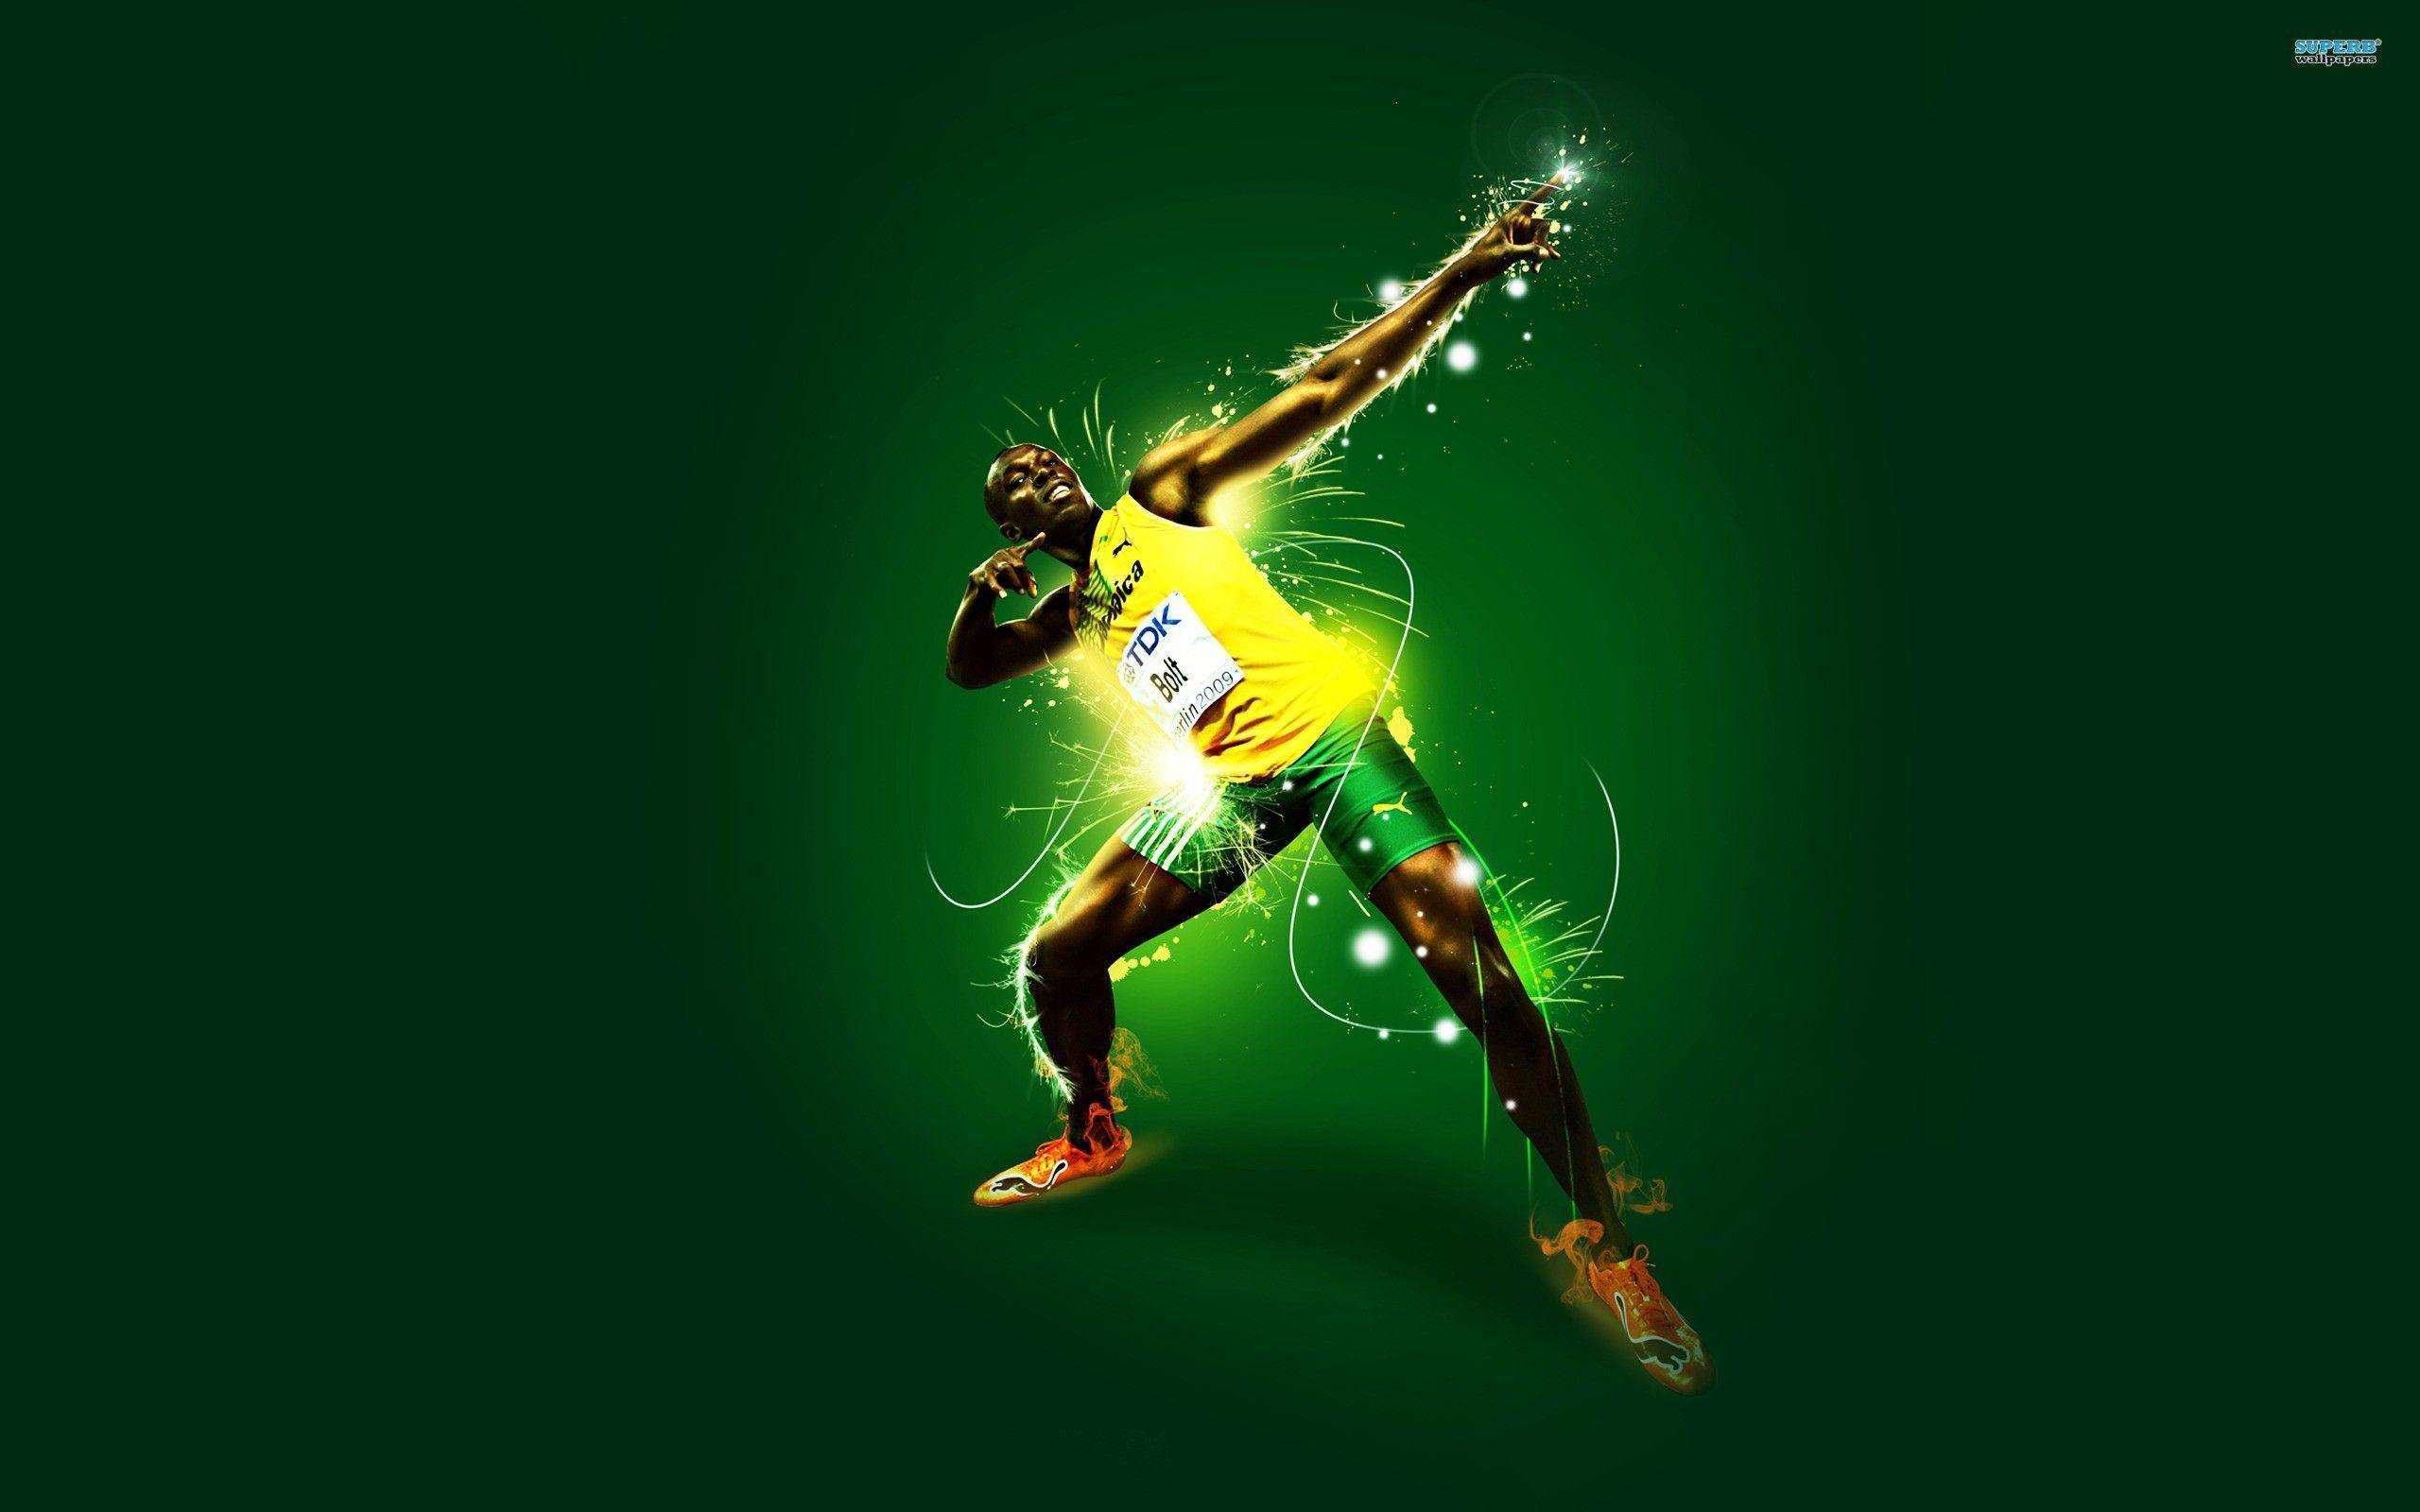 Usain Bolt Wallpapers 2015 Olympics Wallpaper Cave HD Wallpapers Download Free Images Wallpaper [1000image.com]